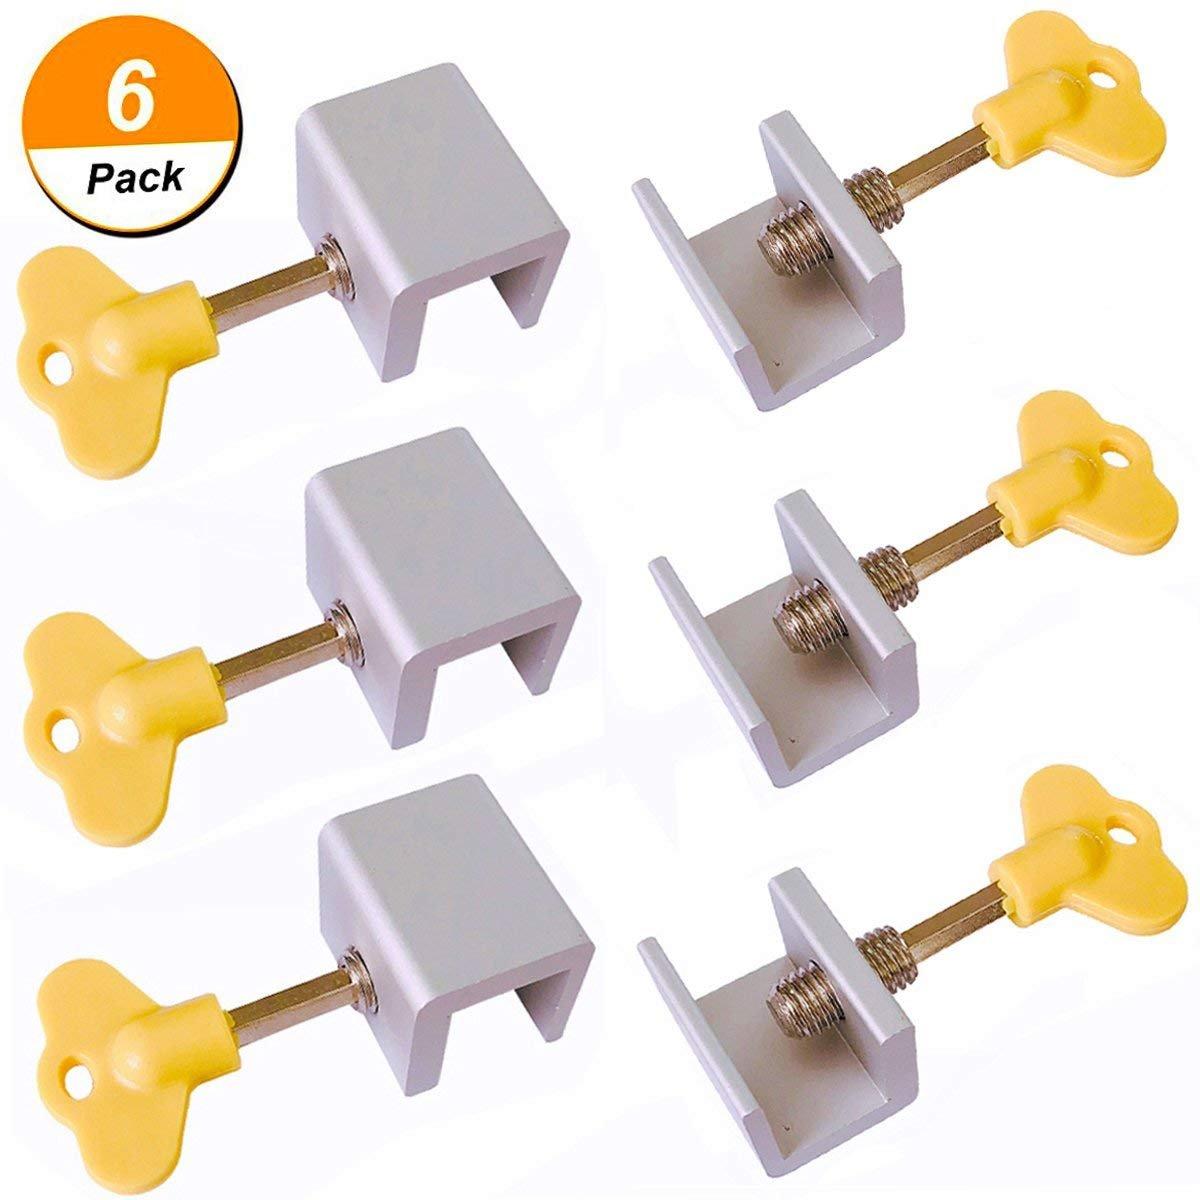 6 piezas de cerraduras ajustables para ventanas correderas de aleació n de aluminio para puerta con cerradura de seguridad con llaves HBK